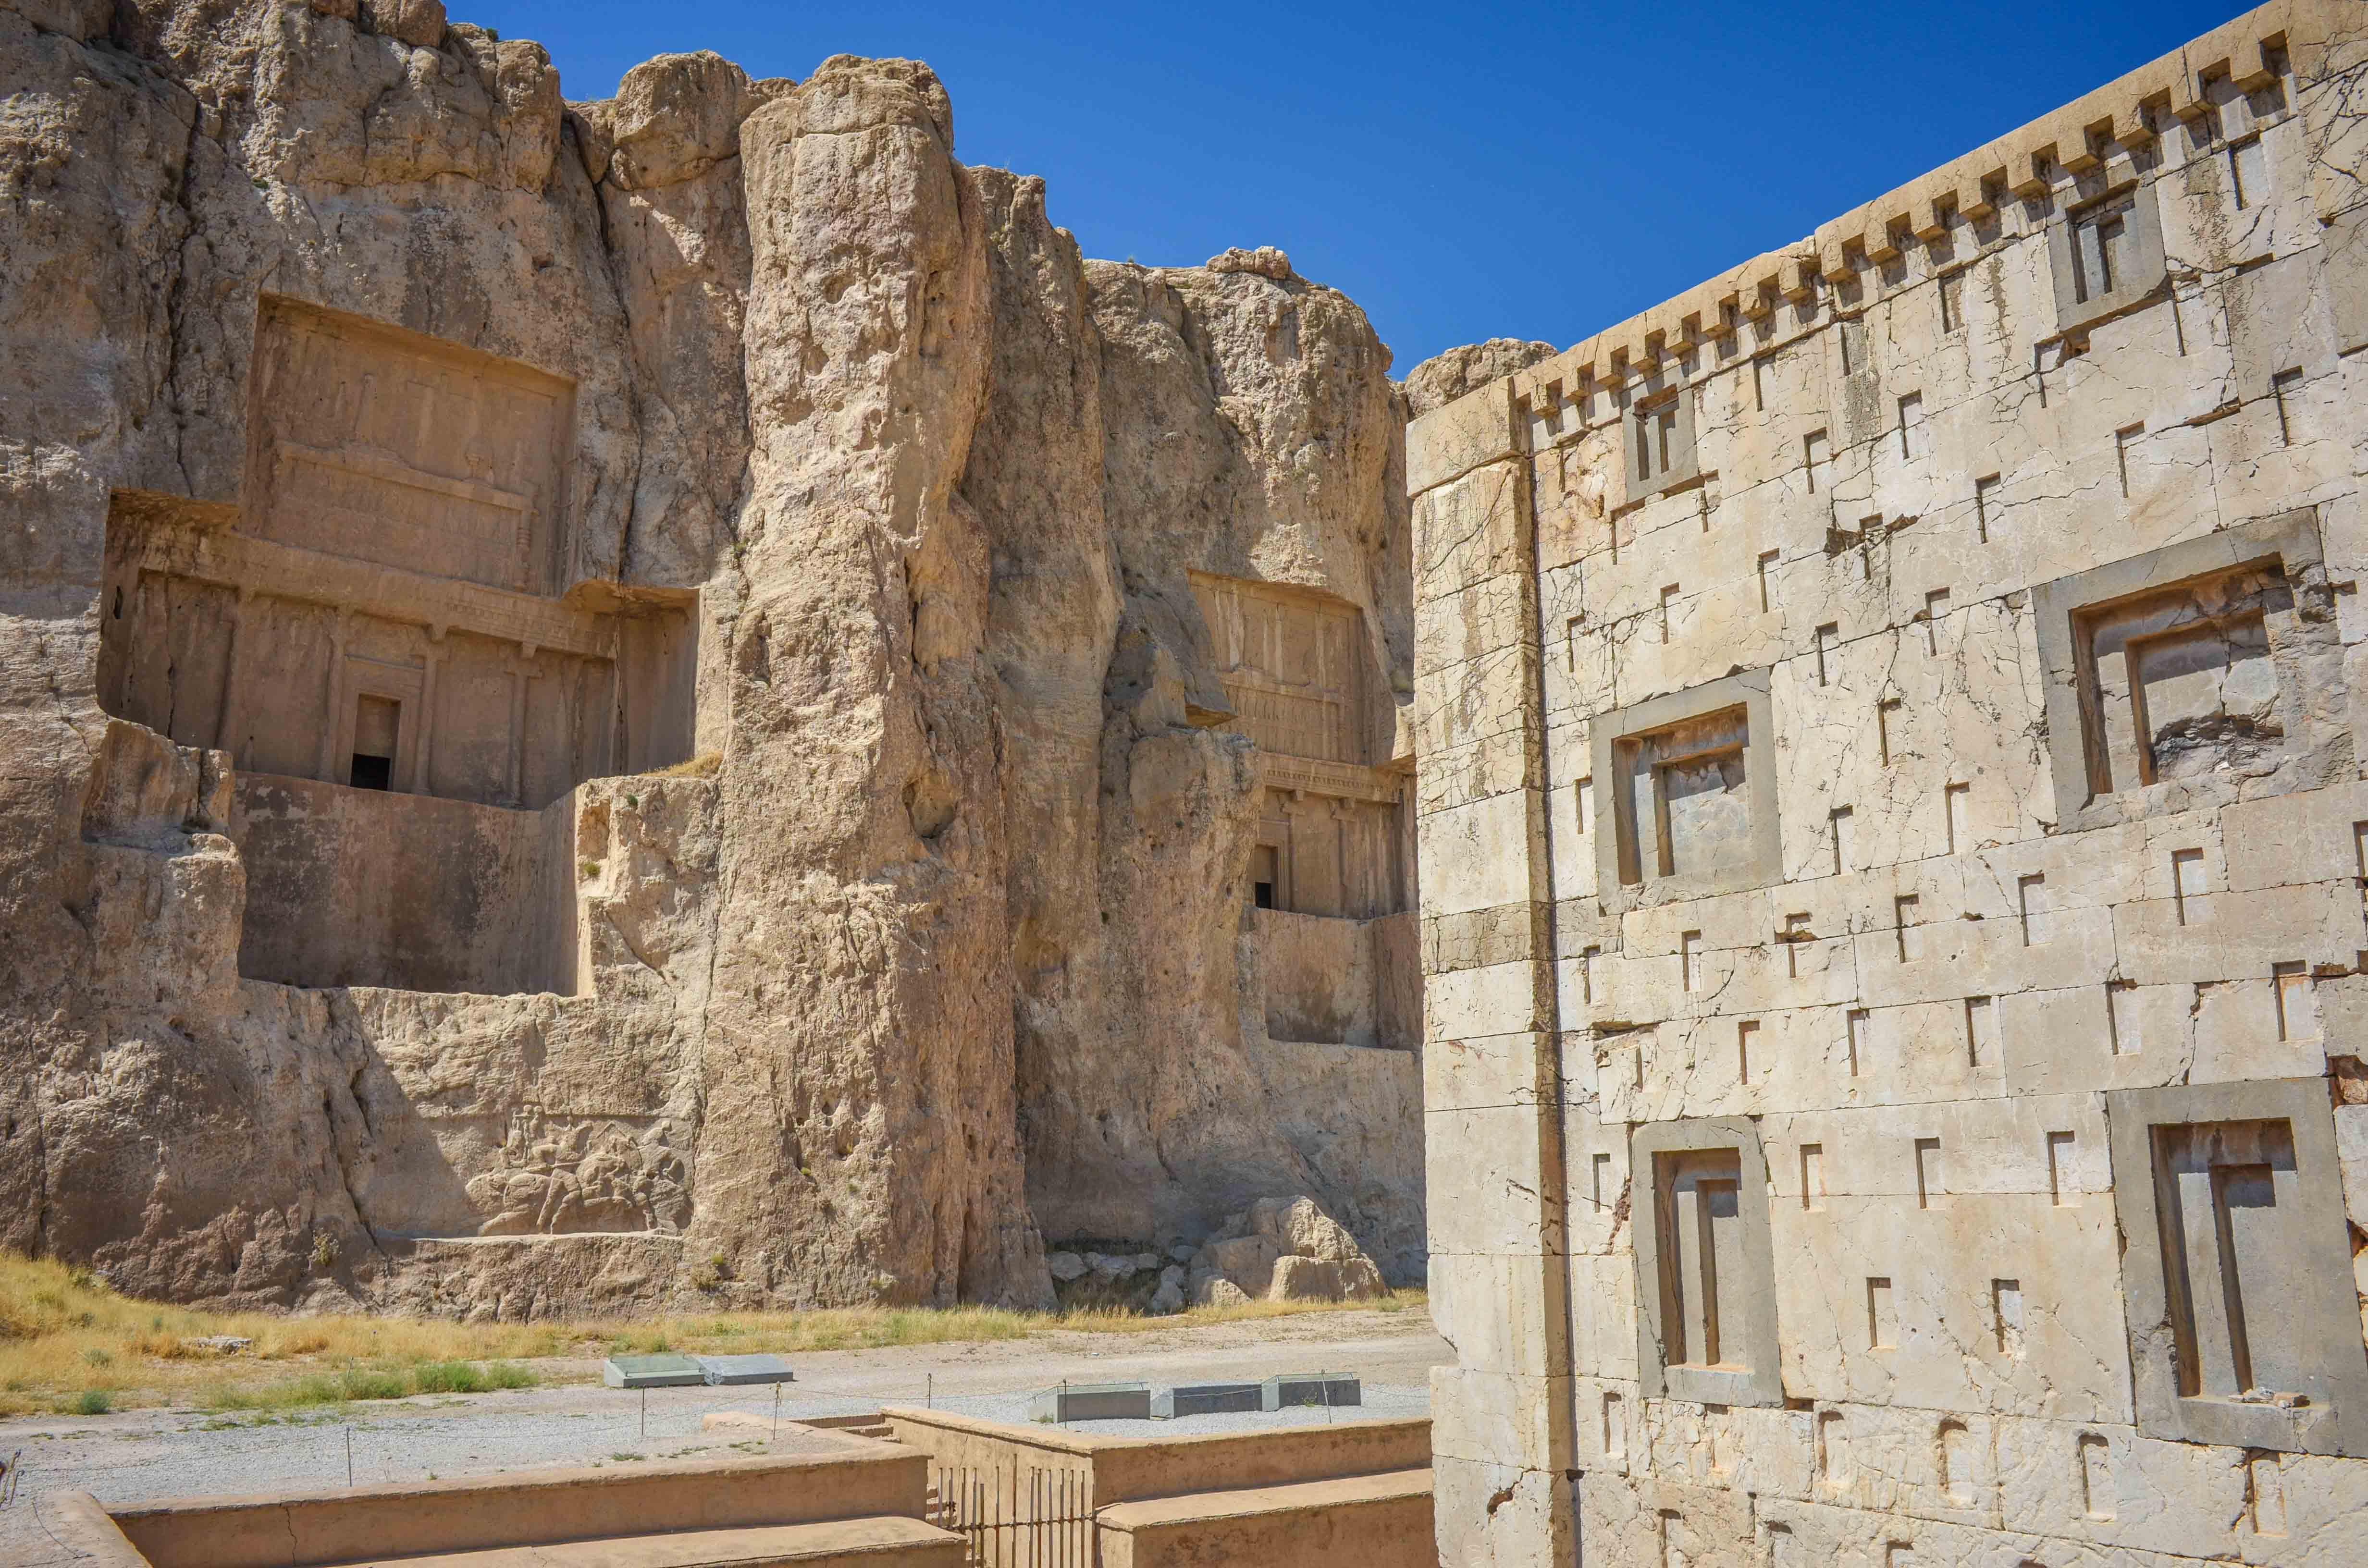 Die Kreuzgräber von Naqsh-e Rostam